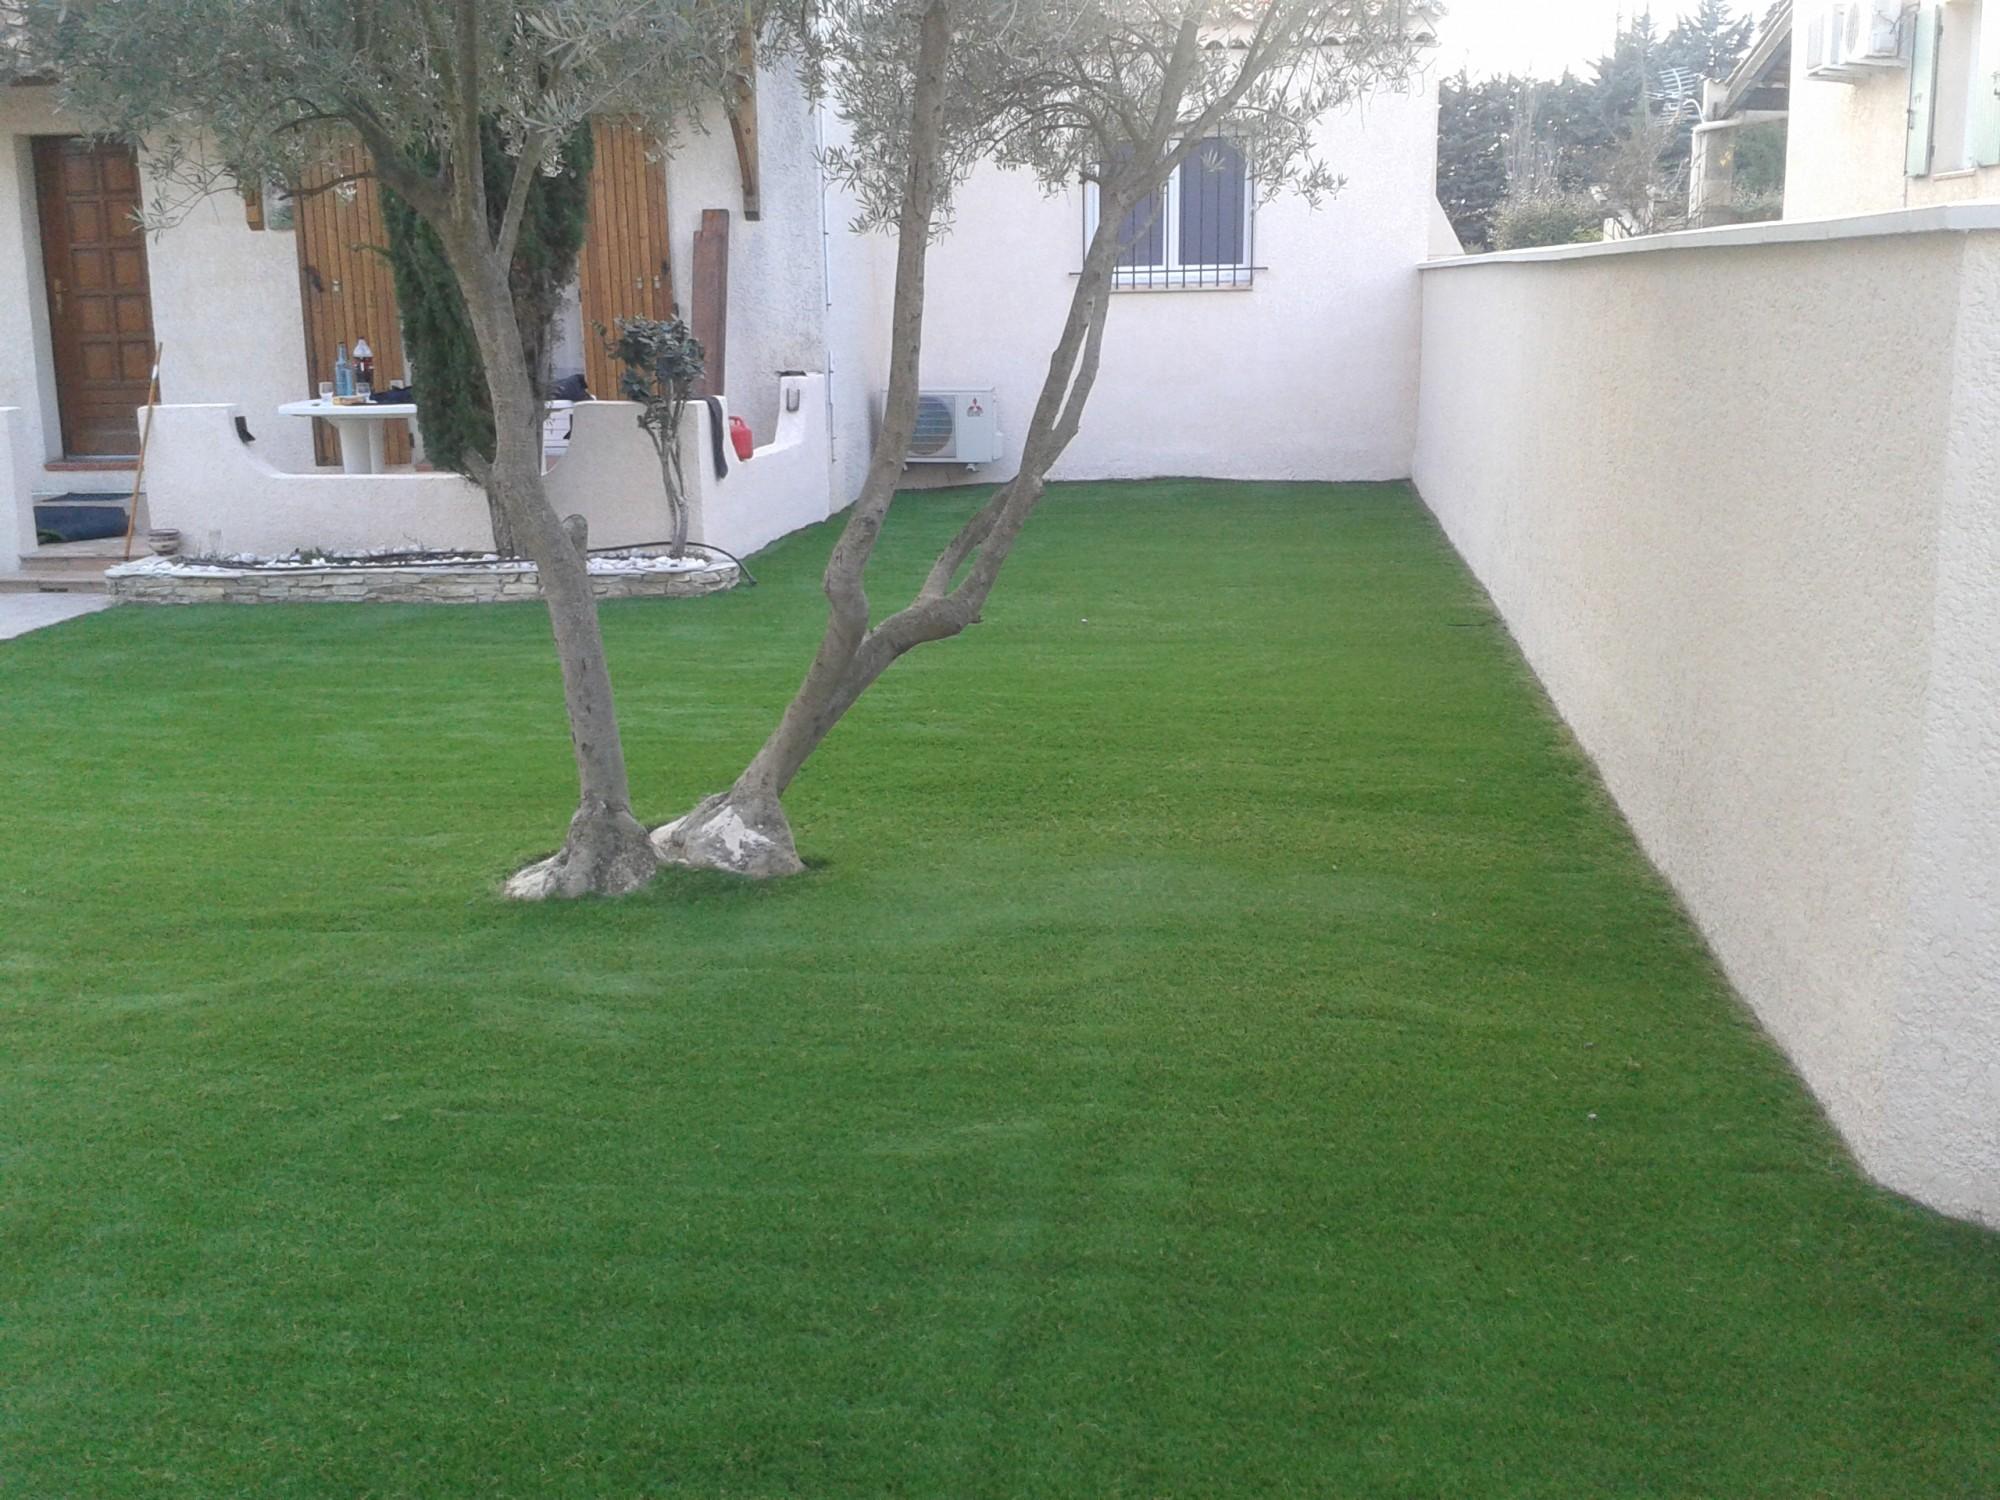 pose de 100 m de gazon artificiel aubagne la pose gazon synth tique gazon et pelouse. Black Bedroom Furniture Sets. Home Design Ideas